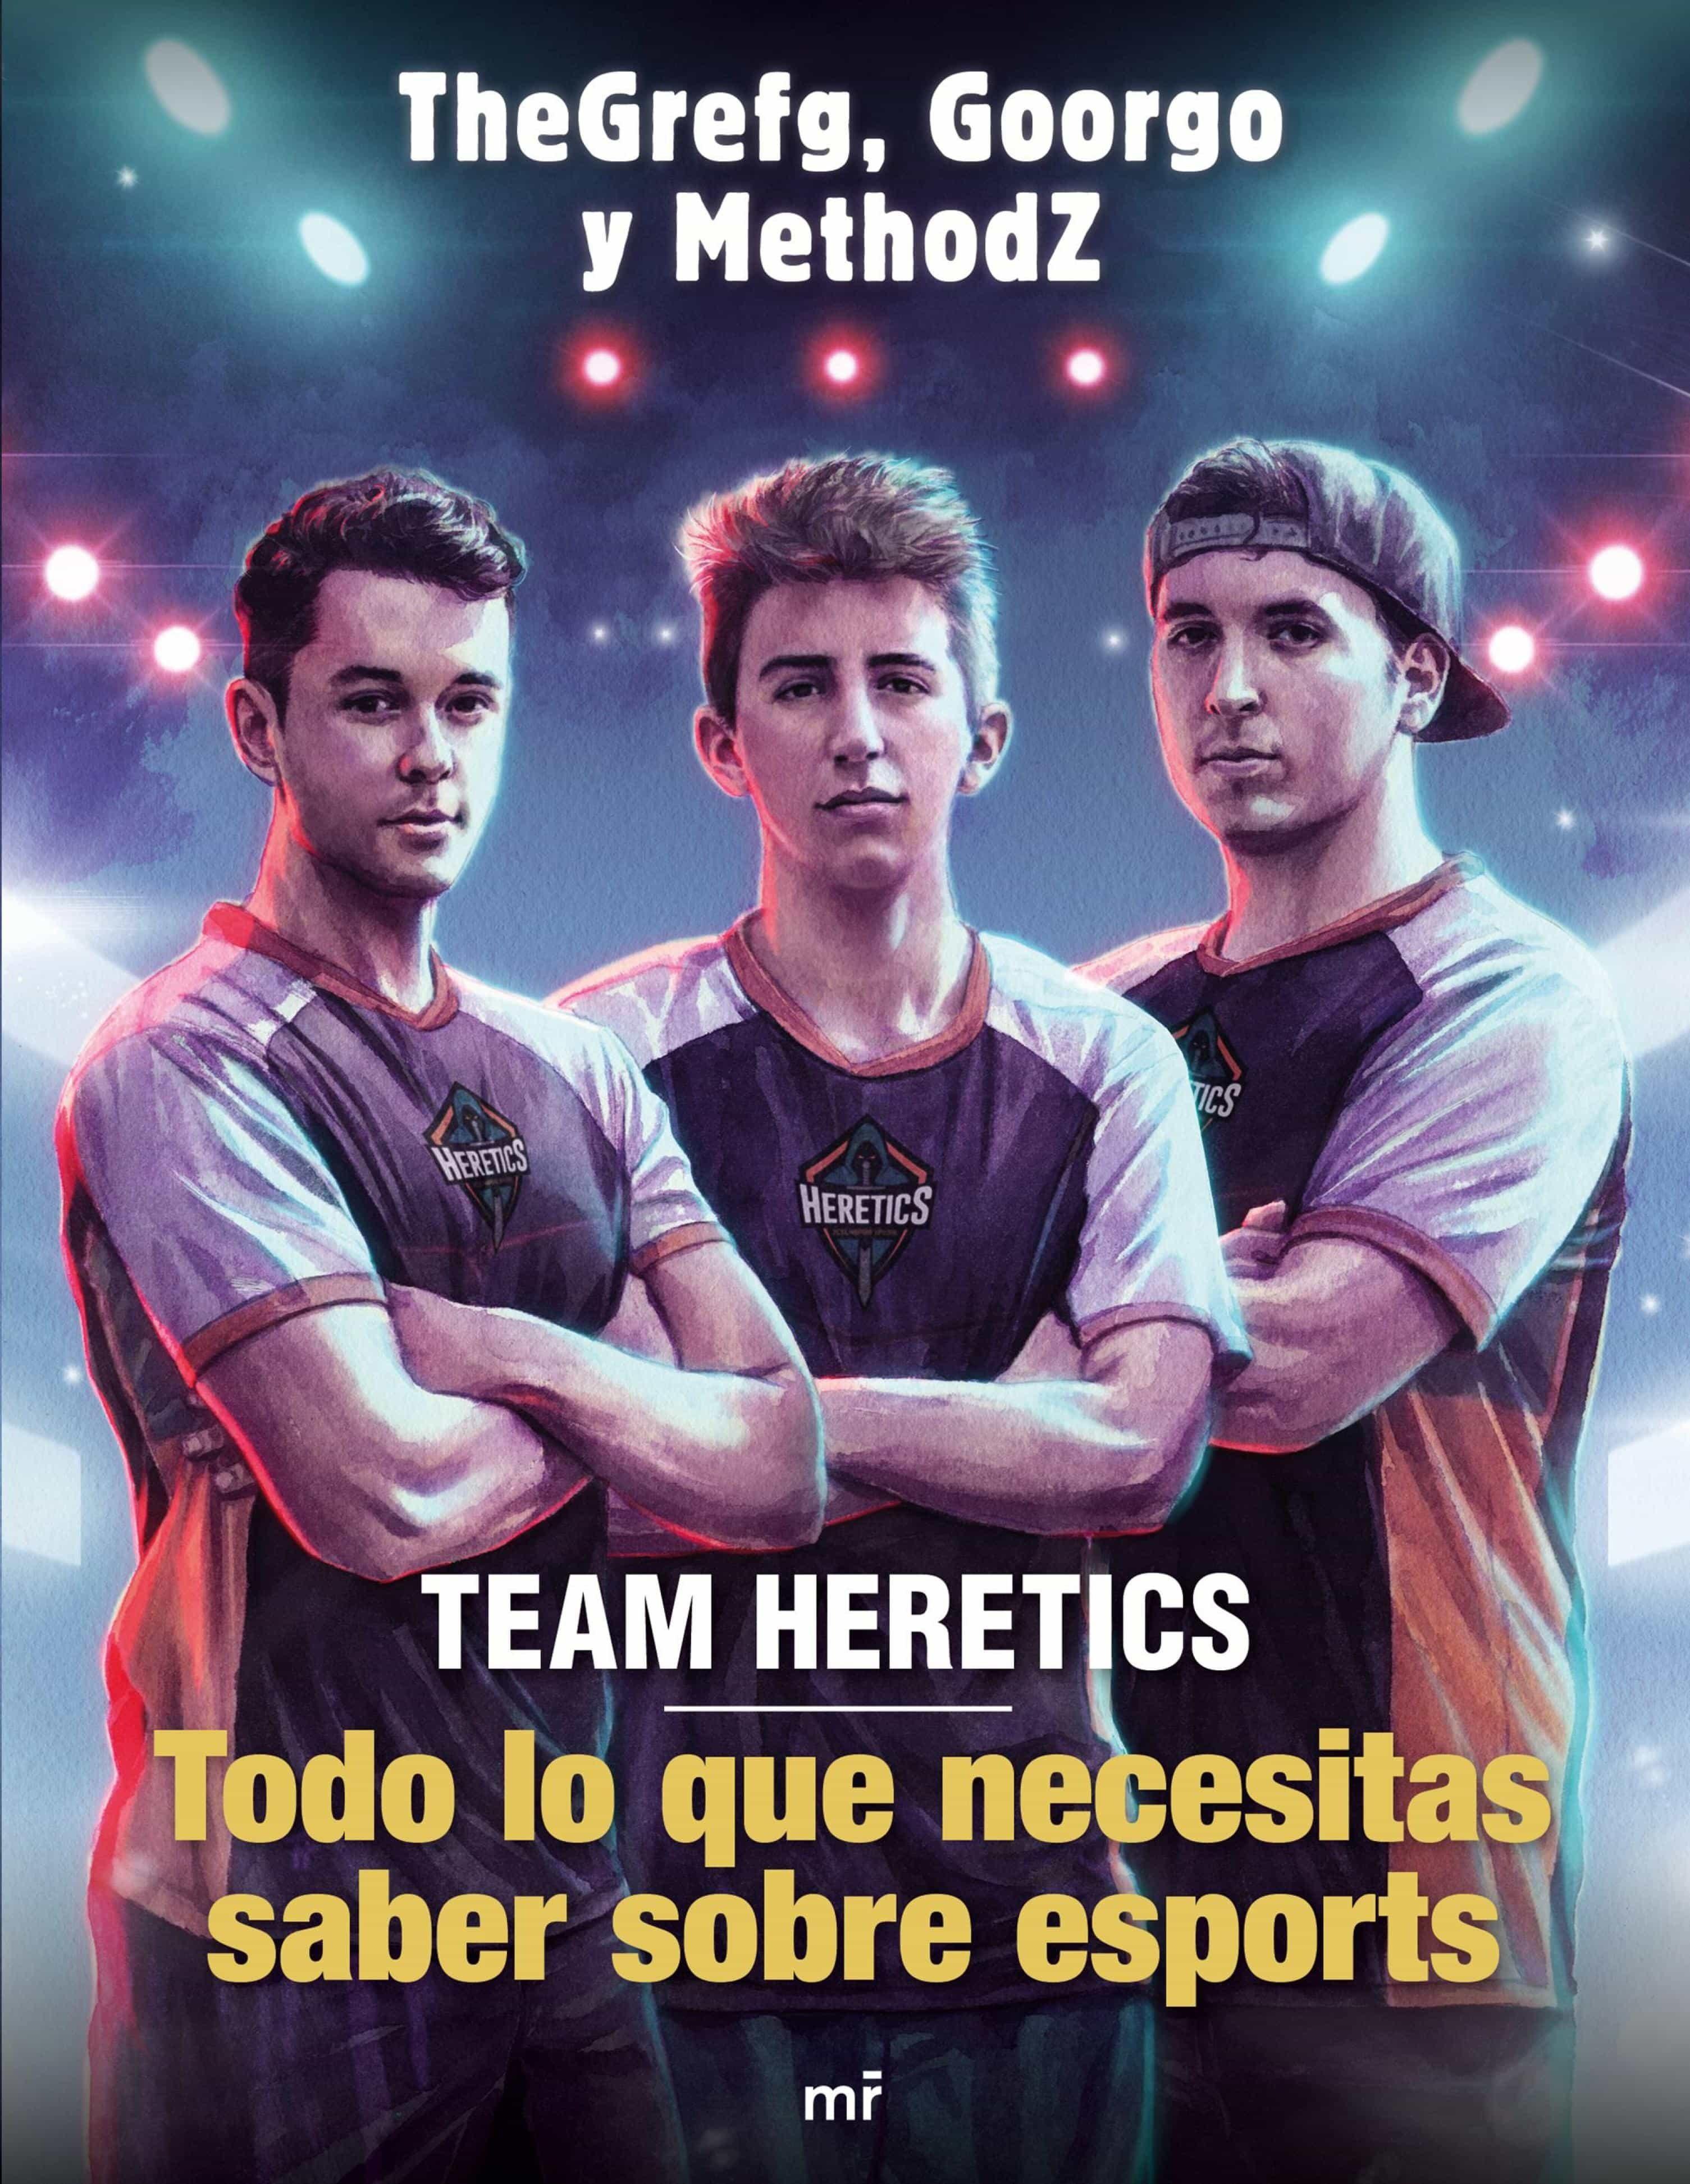 En respuesta a la dinosaurio recuperación  Team Heretics: Todo Lo Que Necesitas Saber Sobre Esports (ebook) · Infantil  9-12 años - CONOCIMIENTO · El Corte Inglés